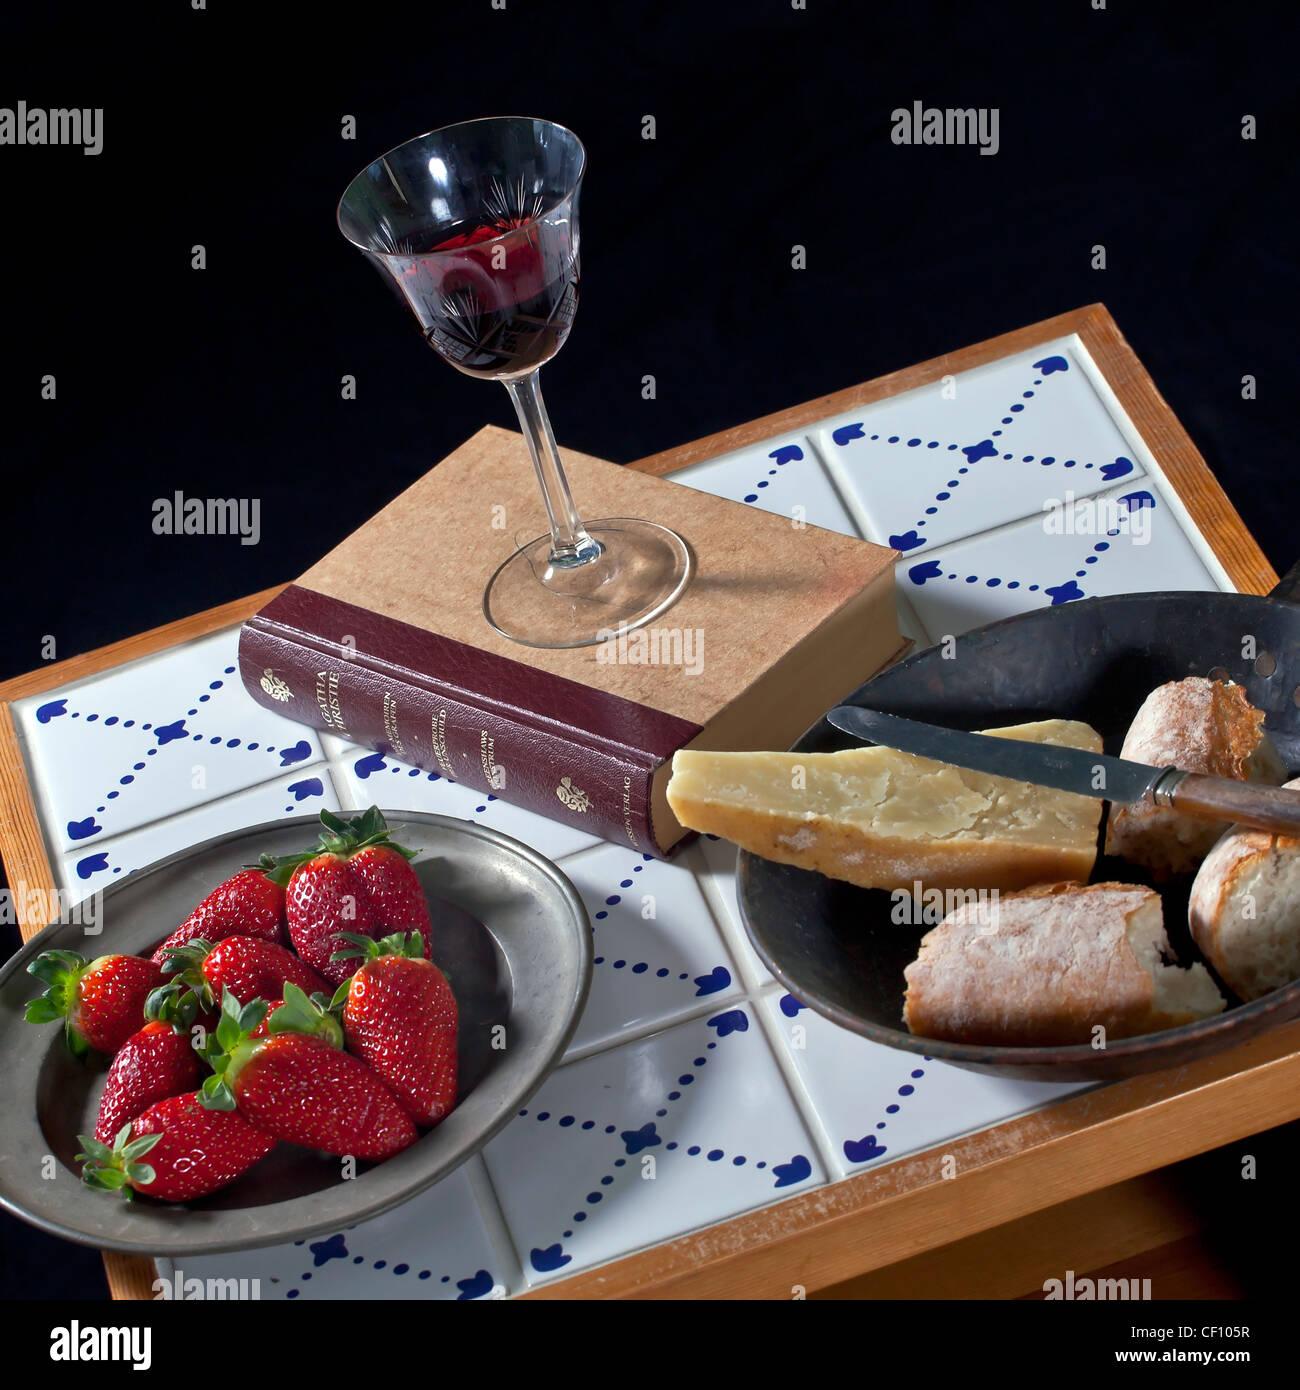 gemütliche Snack: ein Buch über einem Tisch aus alten Fliesen mit Rotwein, Erdbeeren, Käse und Brot Stockbild